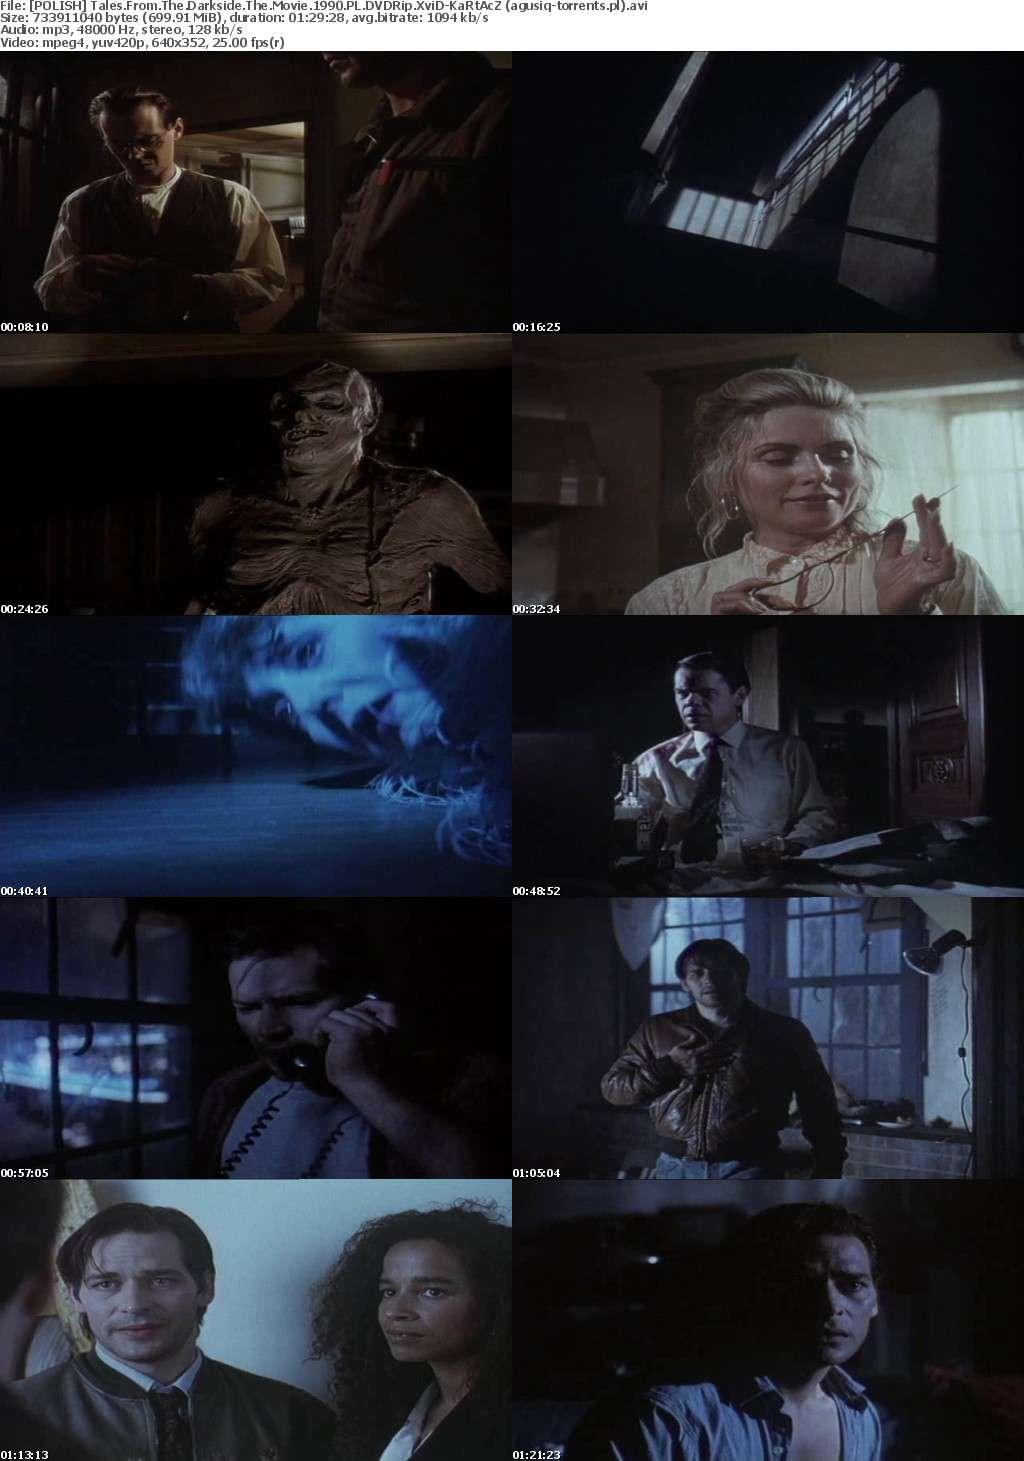 POLISH Opowiesci z ciemnej strony (1990) - Tales from the Darkside The Movie